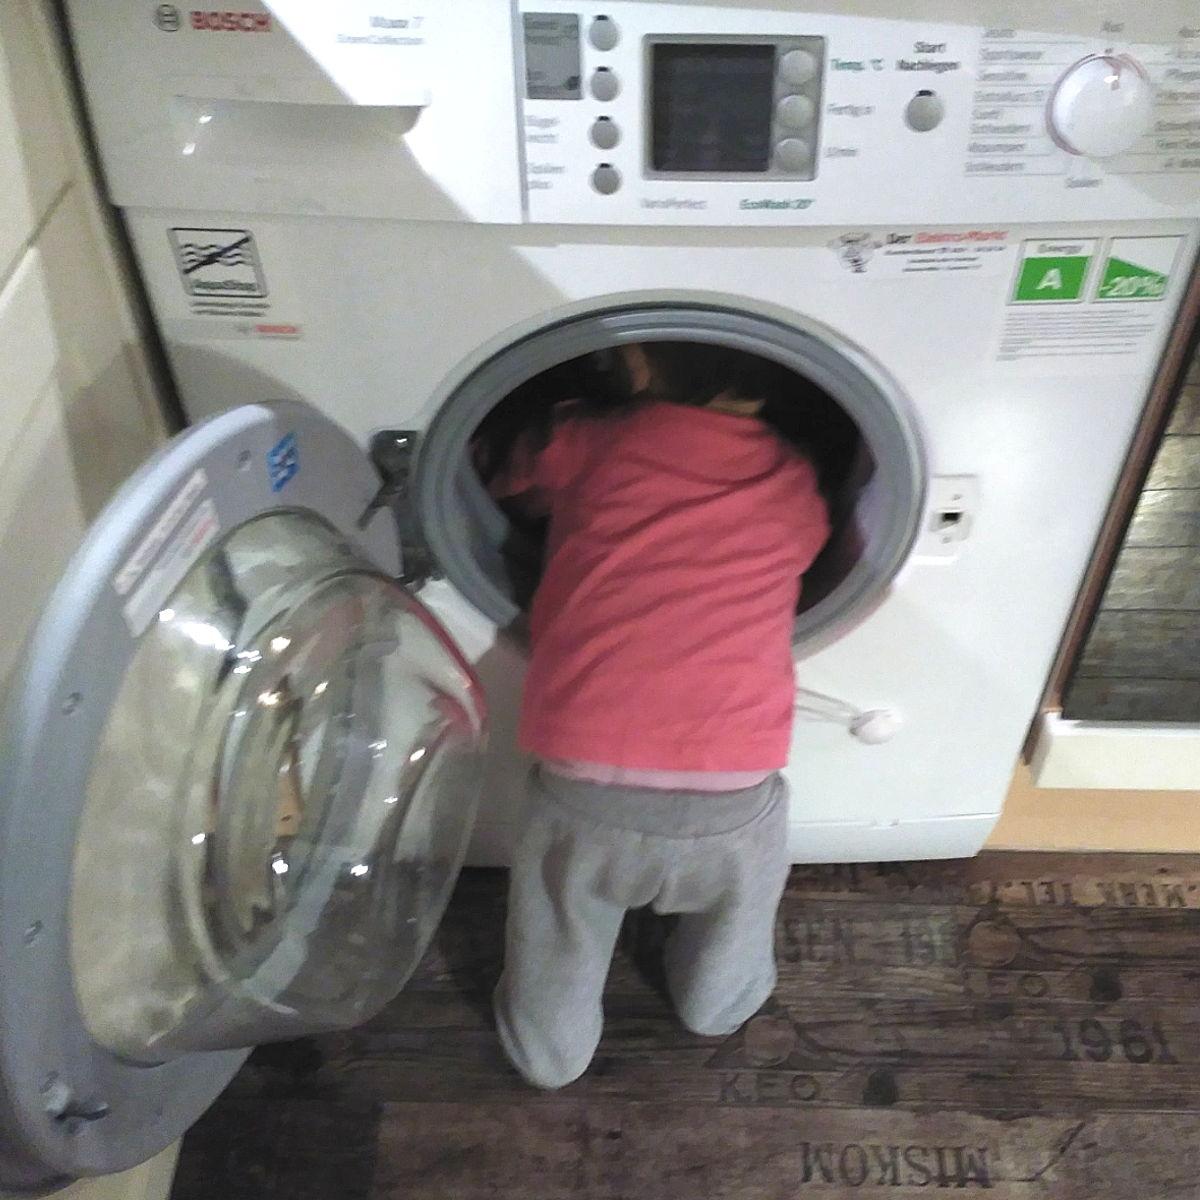 Mucho ojo con la lavadora, puede ser un peligro para el bebé - Seguridad en el hogar